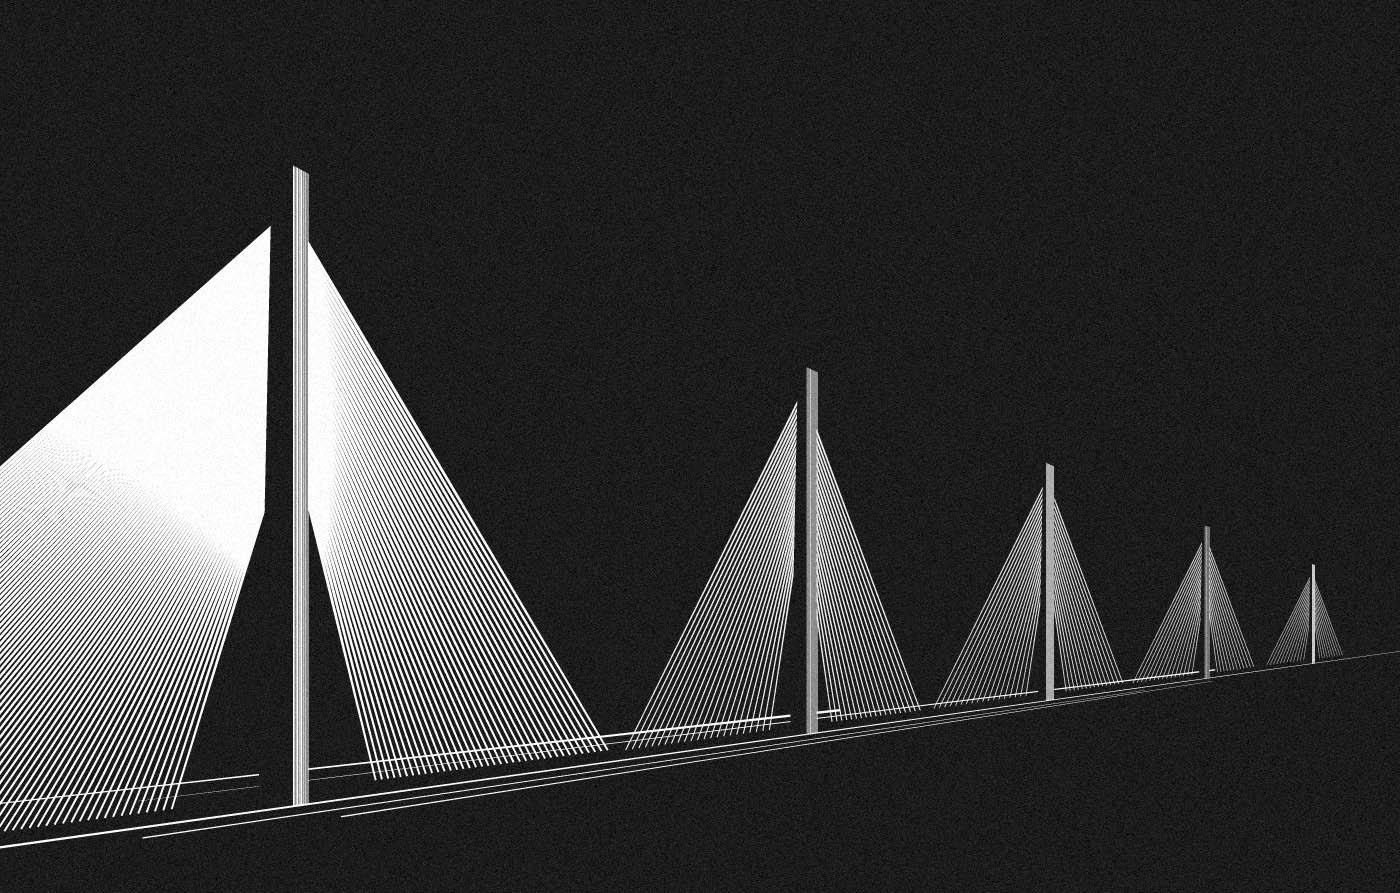 Architecture_Architectural_Illustration_Andrea_Minini_03